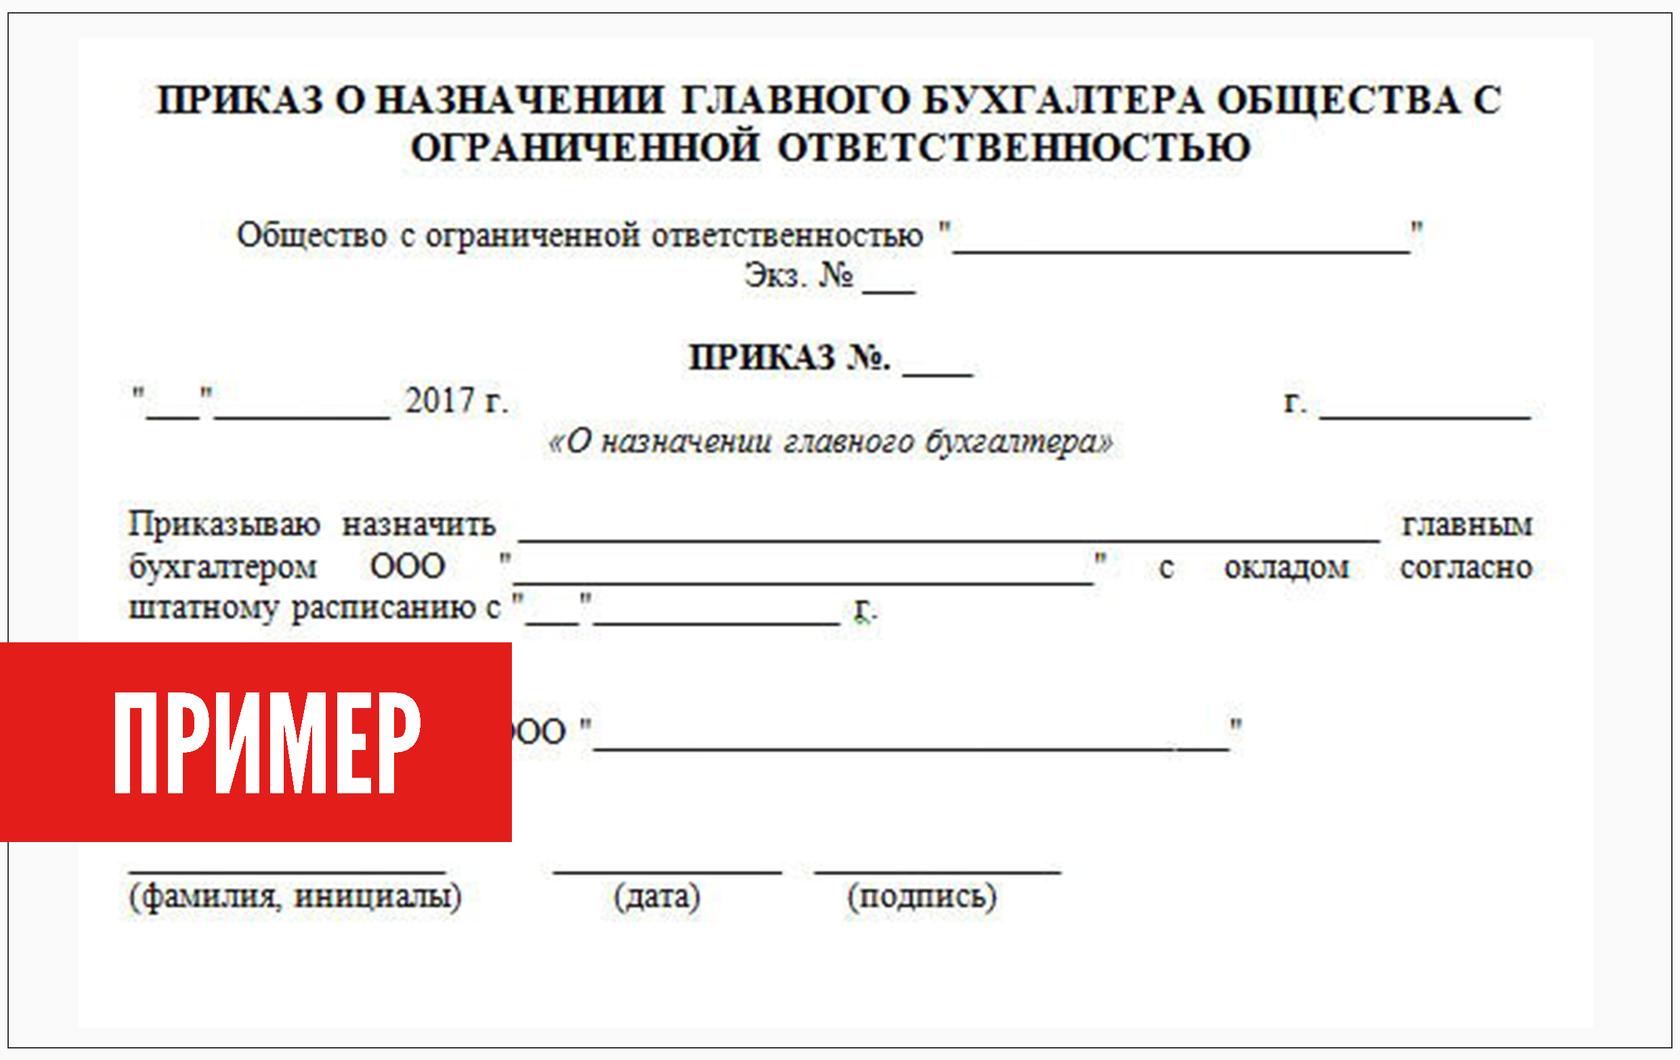 Регистрация главного бухгалтера в ооо доверенность от ип бухгалтеру